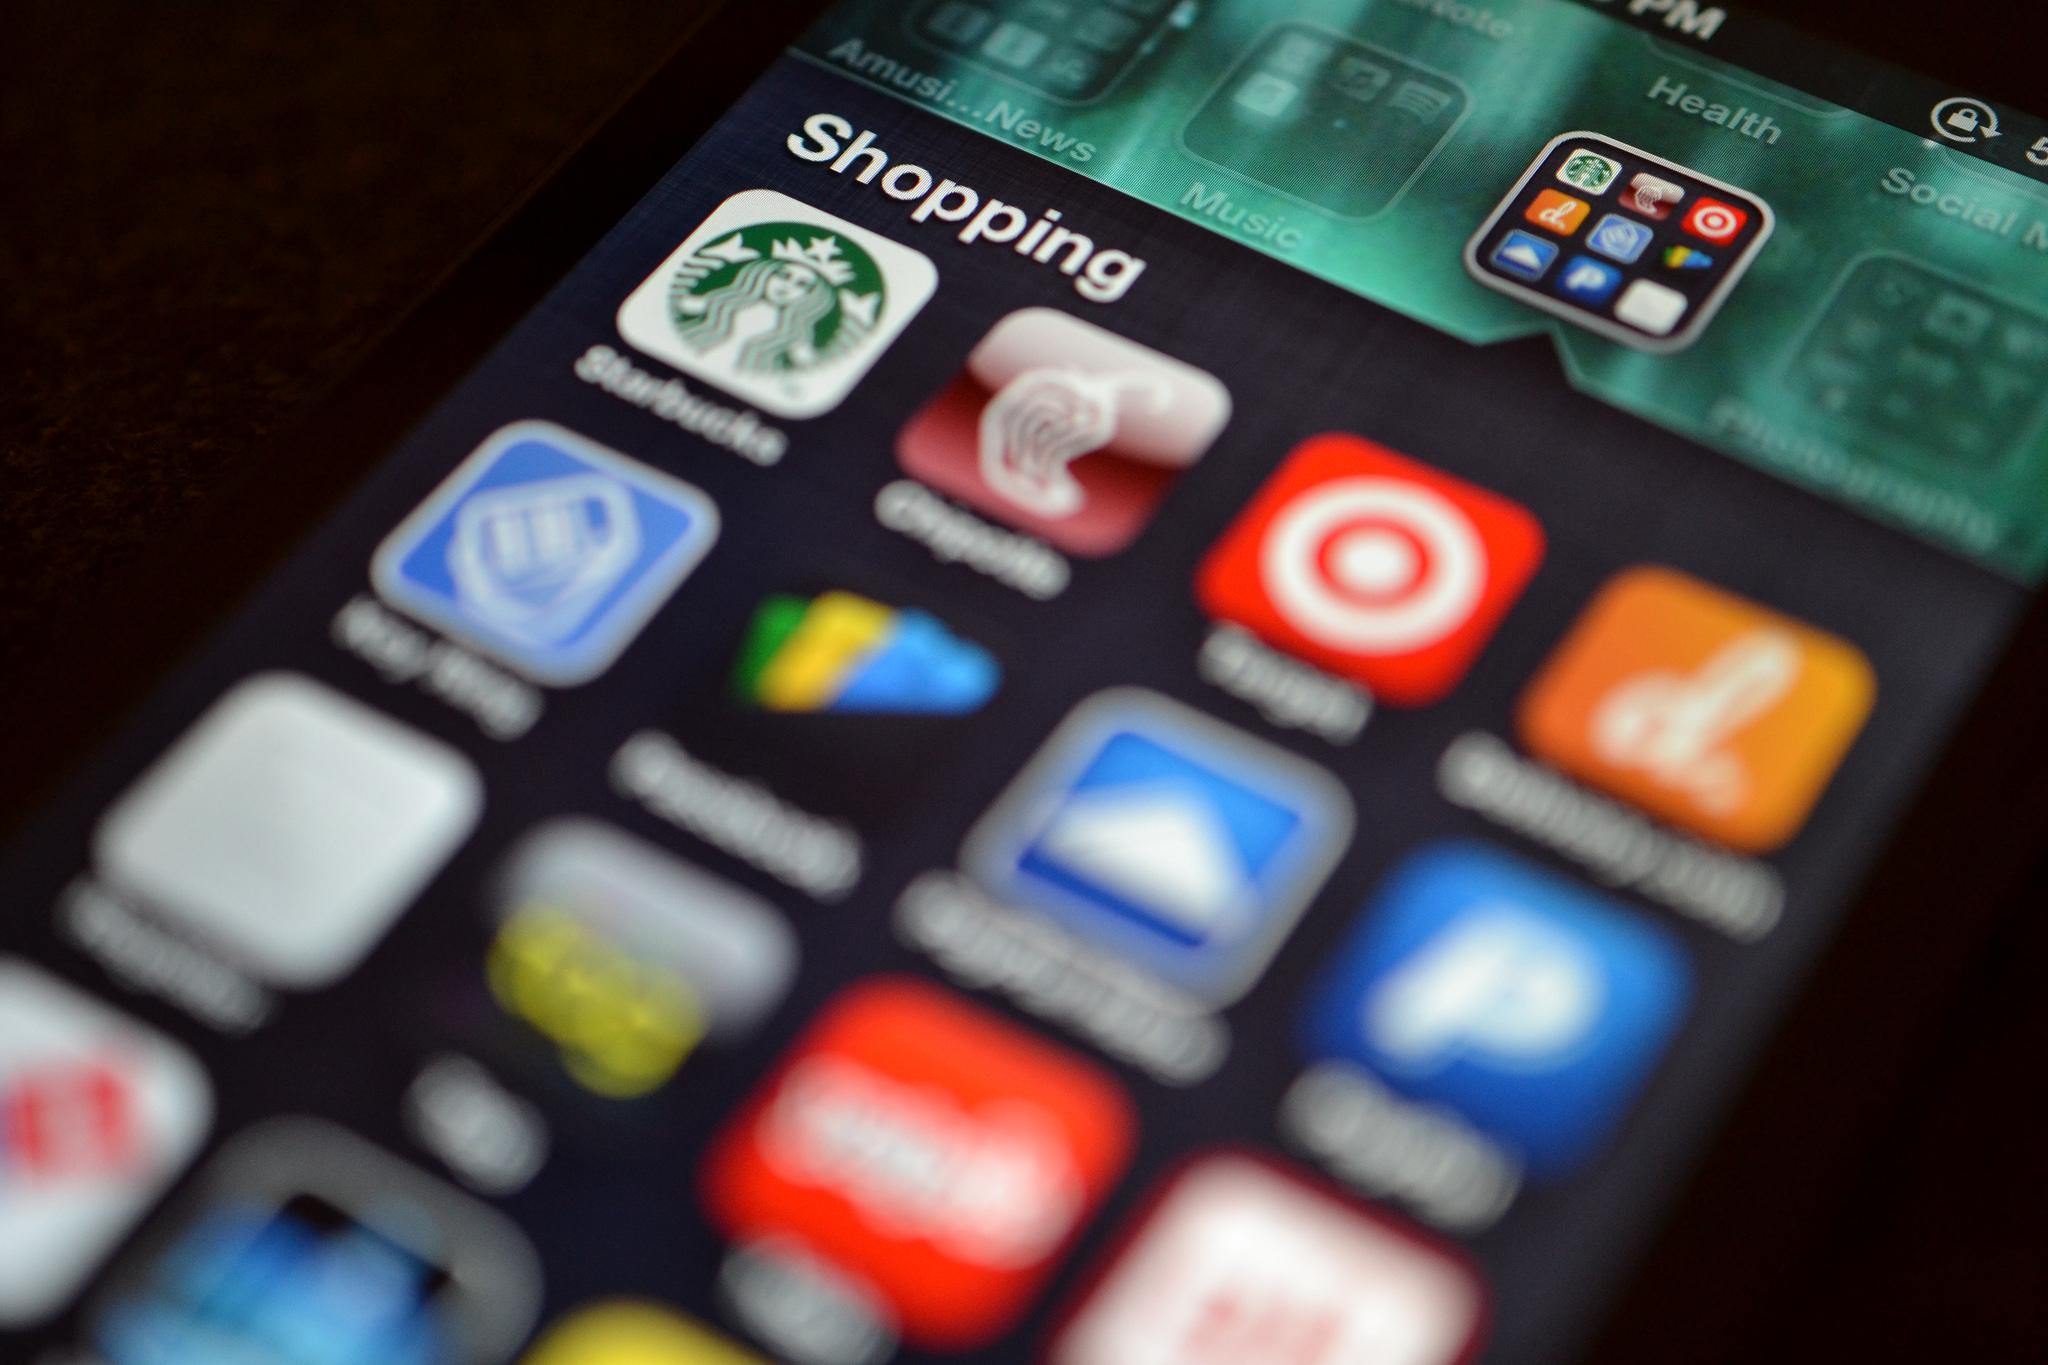 Egyszer csak bejön az Apple fizetési szolgáltatása vagy valami hasonló (Fotó: Jason Howie / Flickr CC-BY)